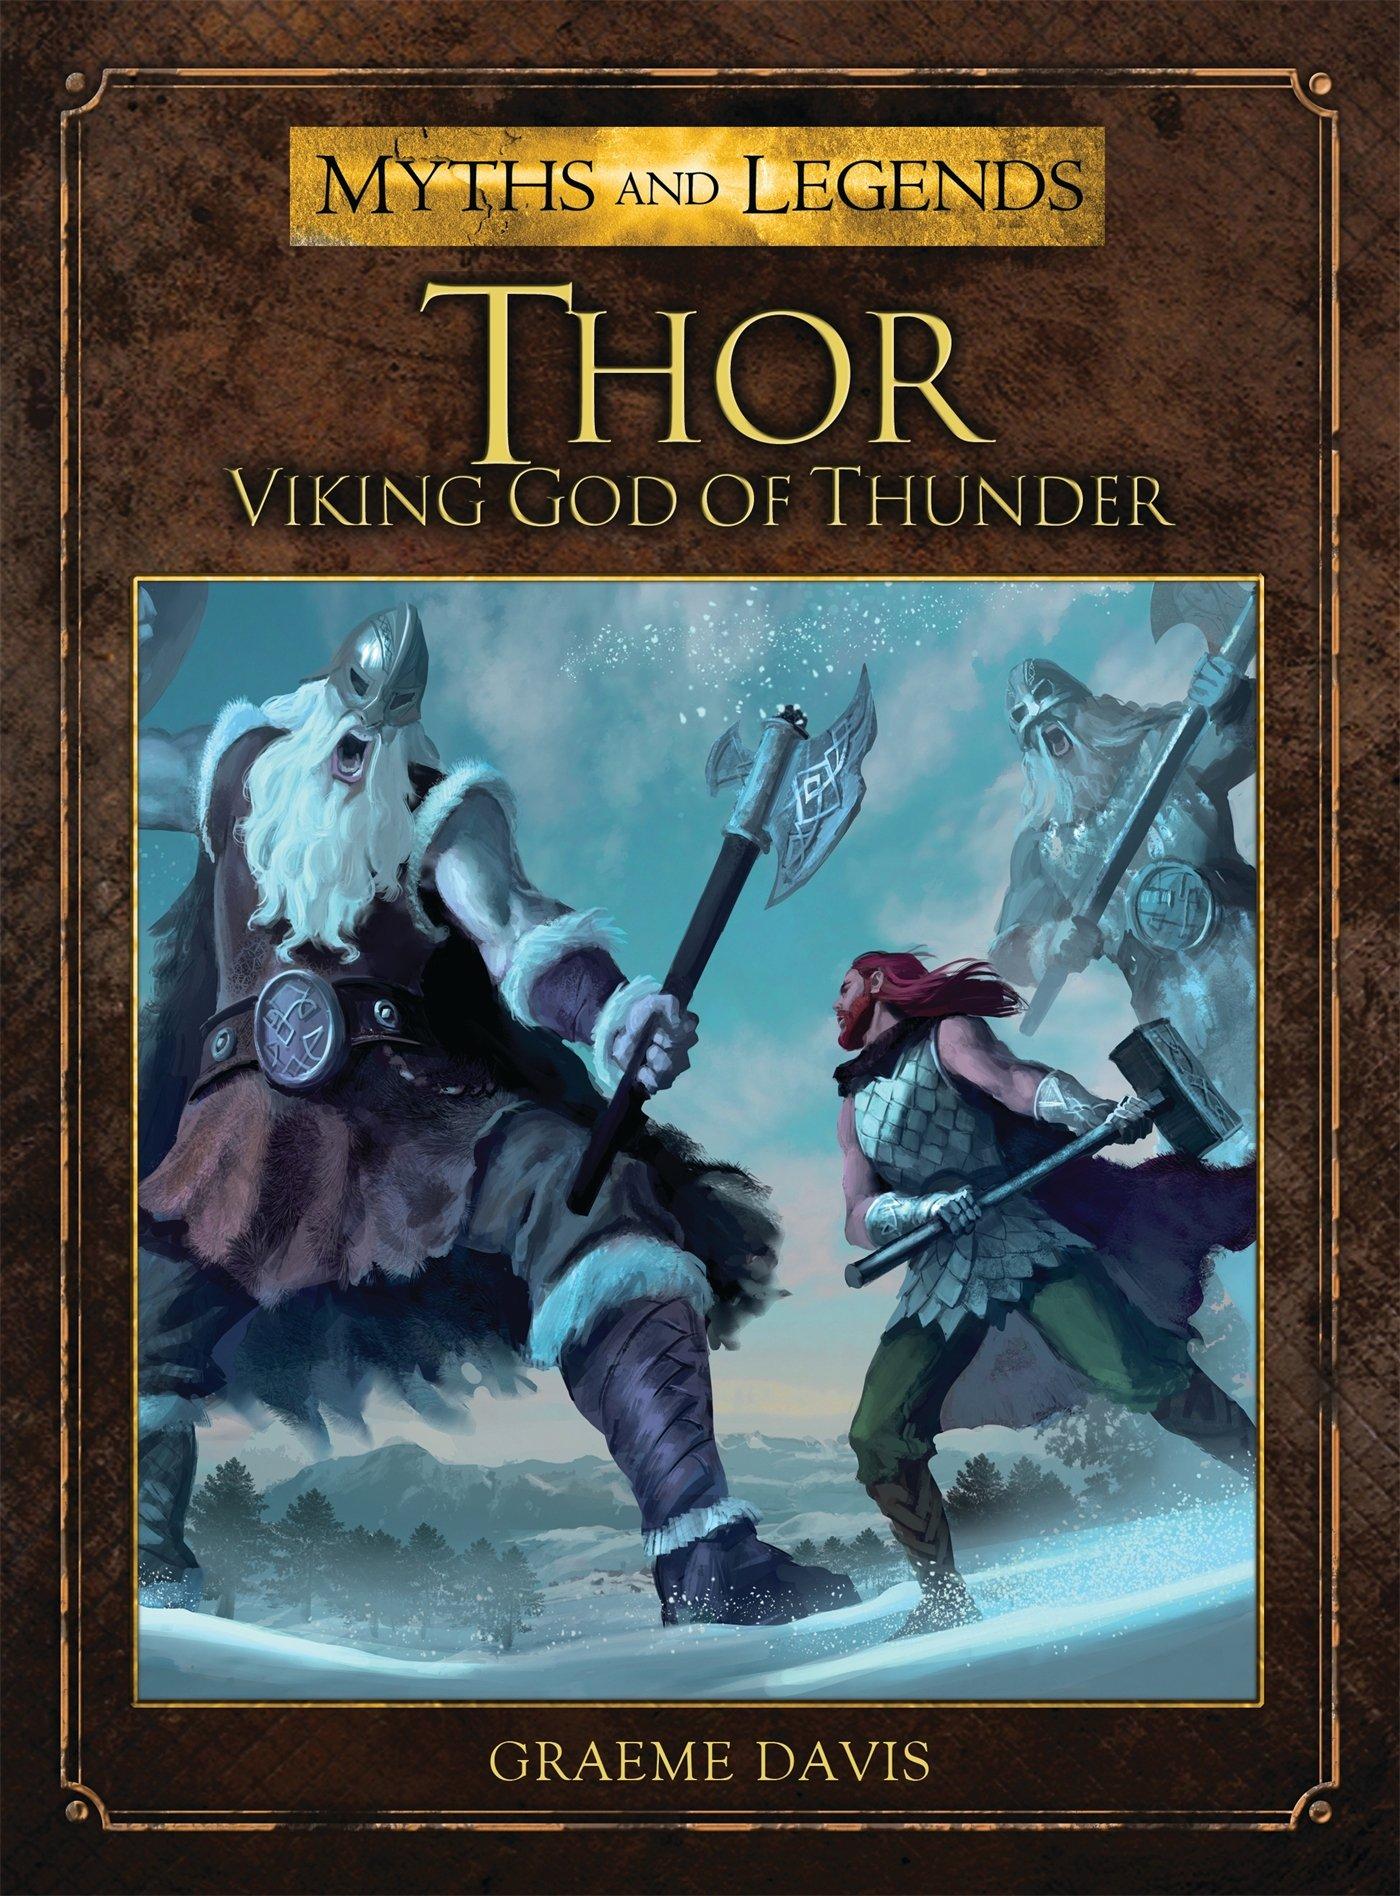 Amazon com: Thor: Viking God of Thunder (Myths and Legends